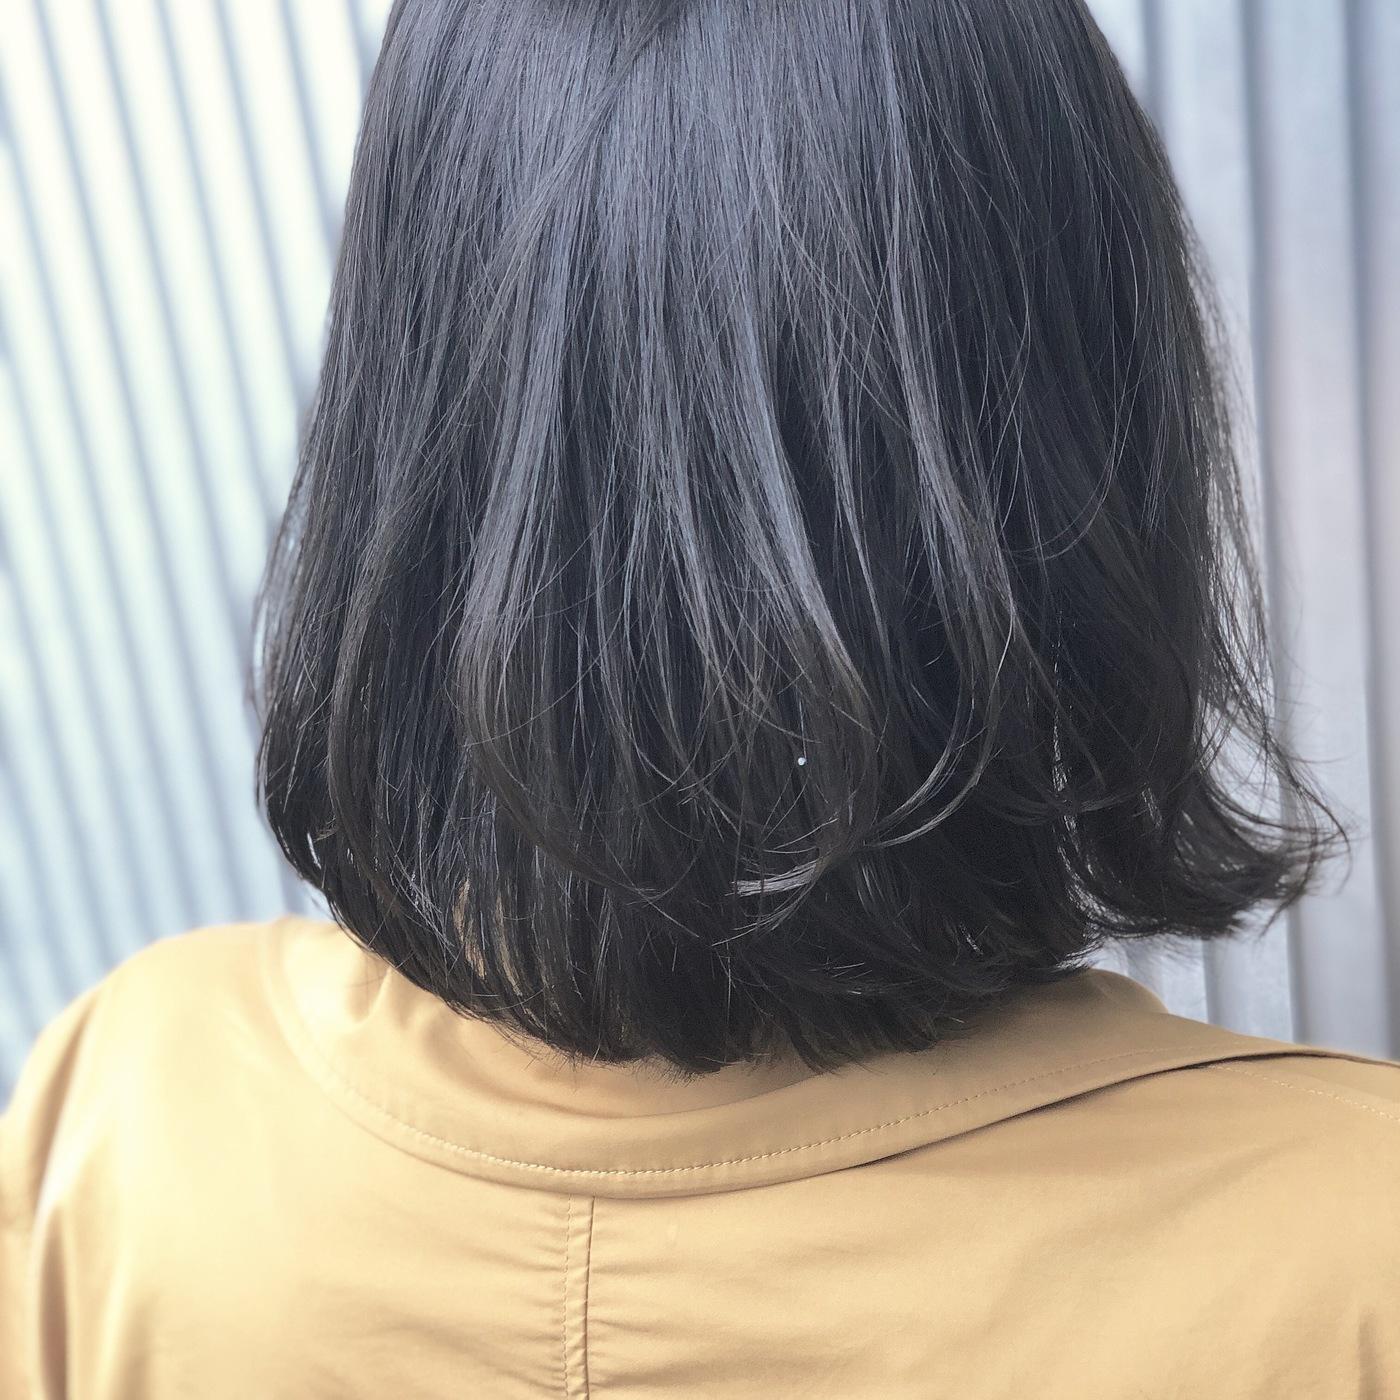 人気上昇中♡魅力たっぷりの【ブルーグレージュ】